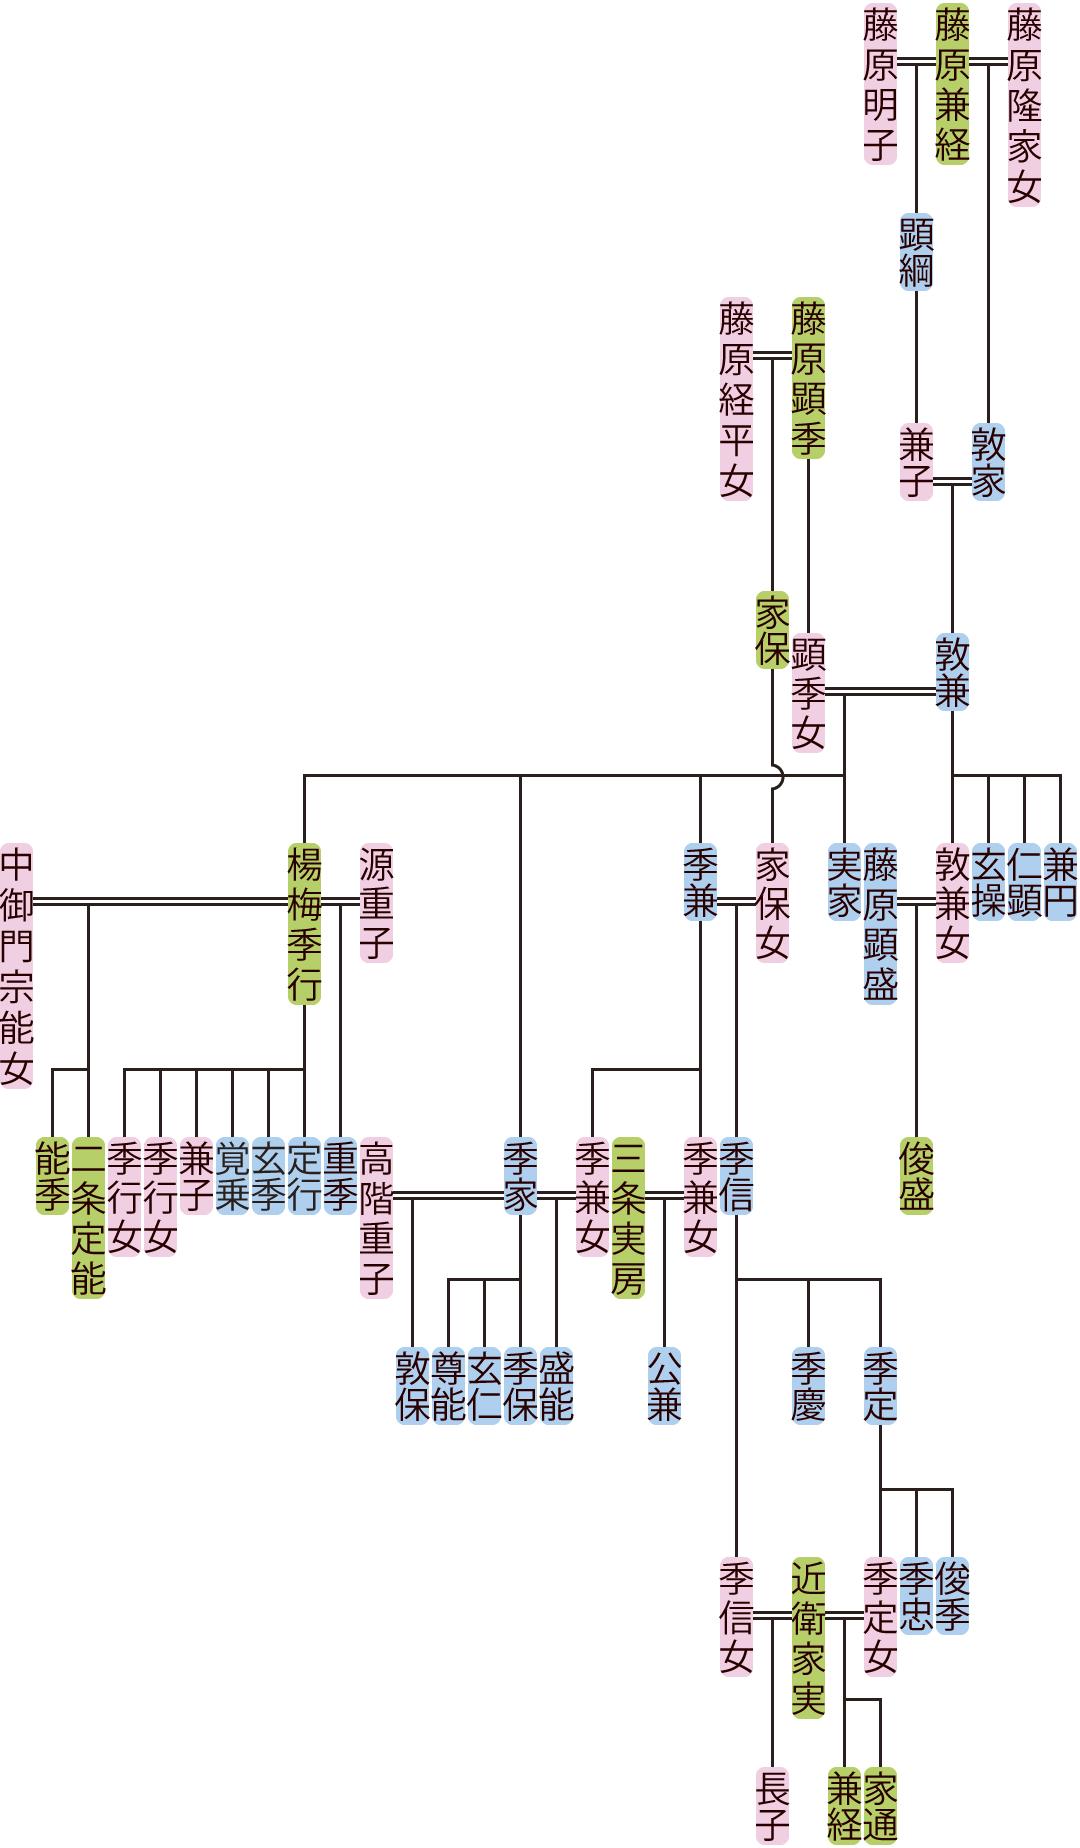 藤原敦兼の系図